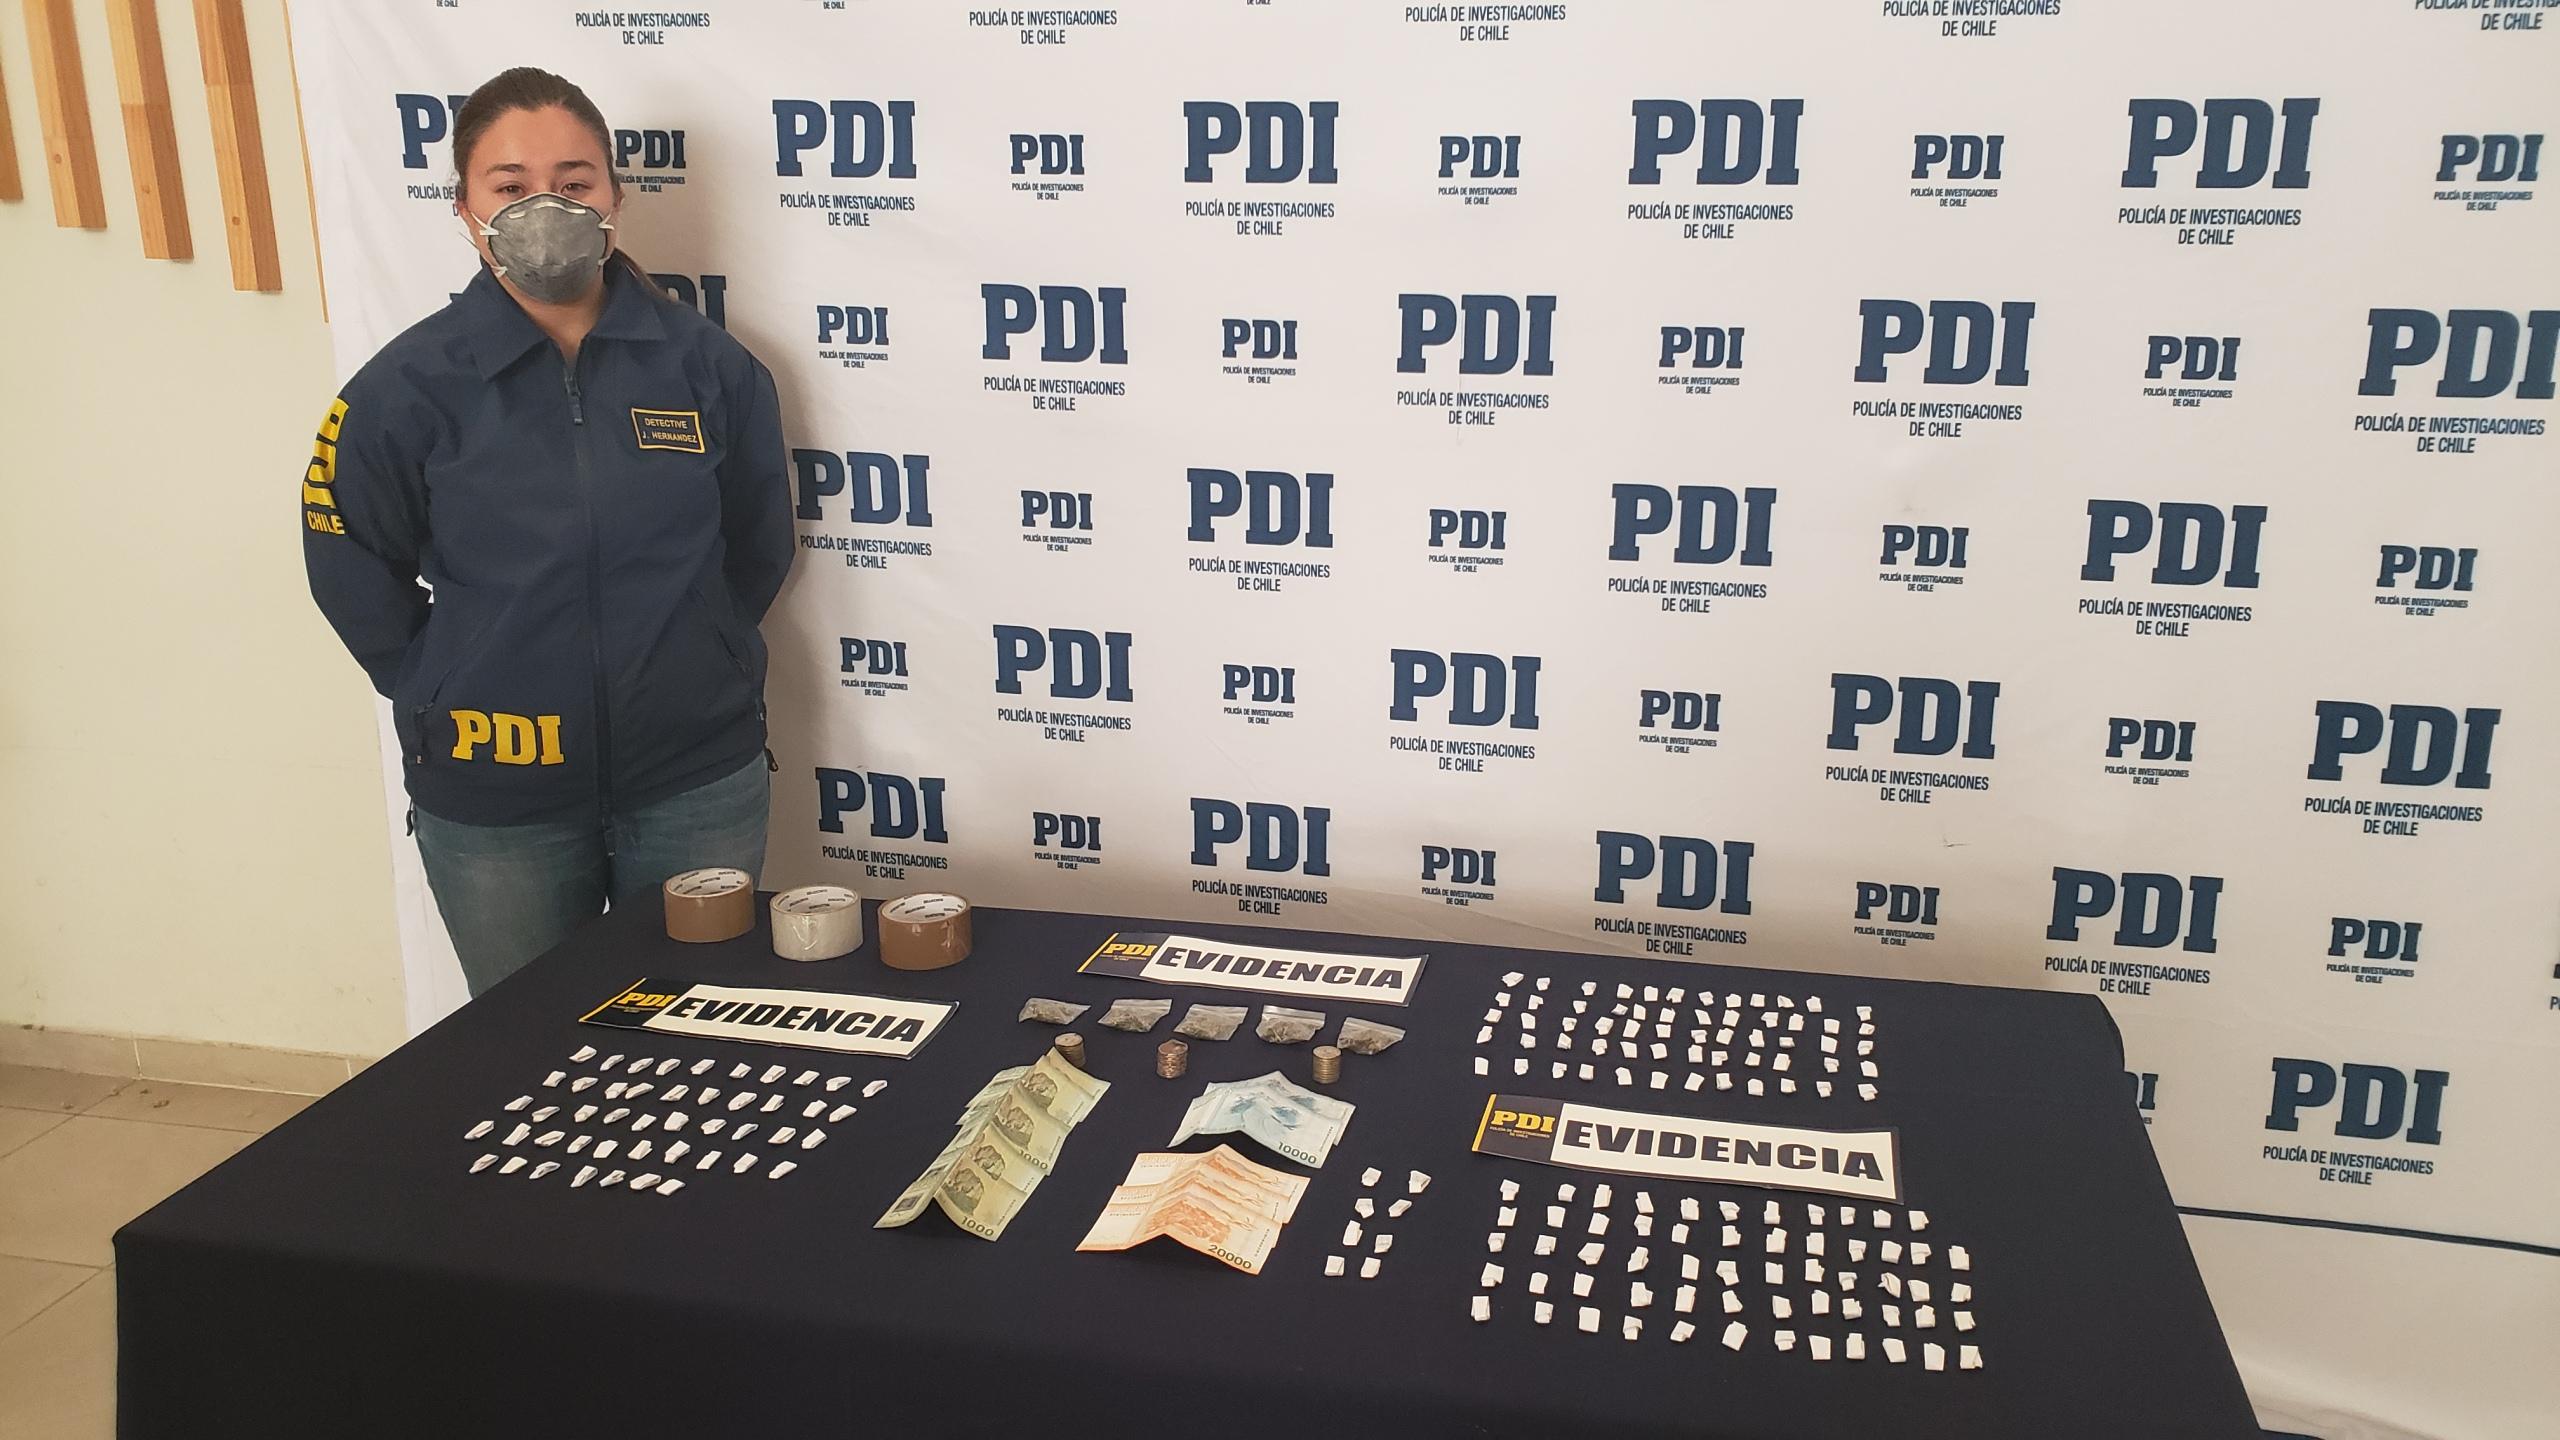 PDI detiene a cuatro personas por lanzar droga al interior de la cárcel de Rancagua